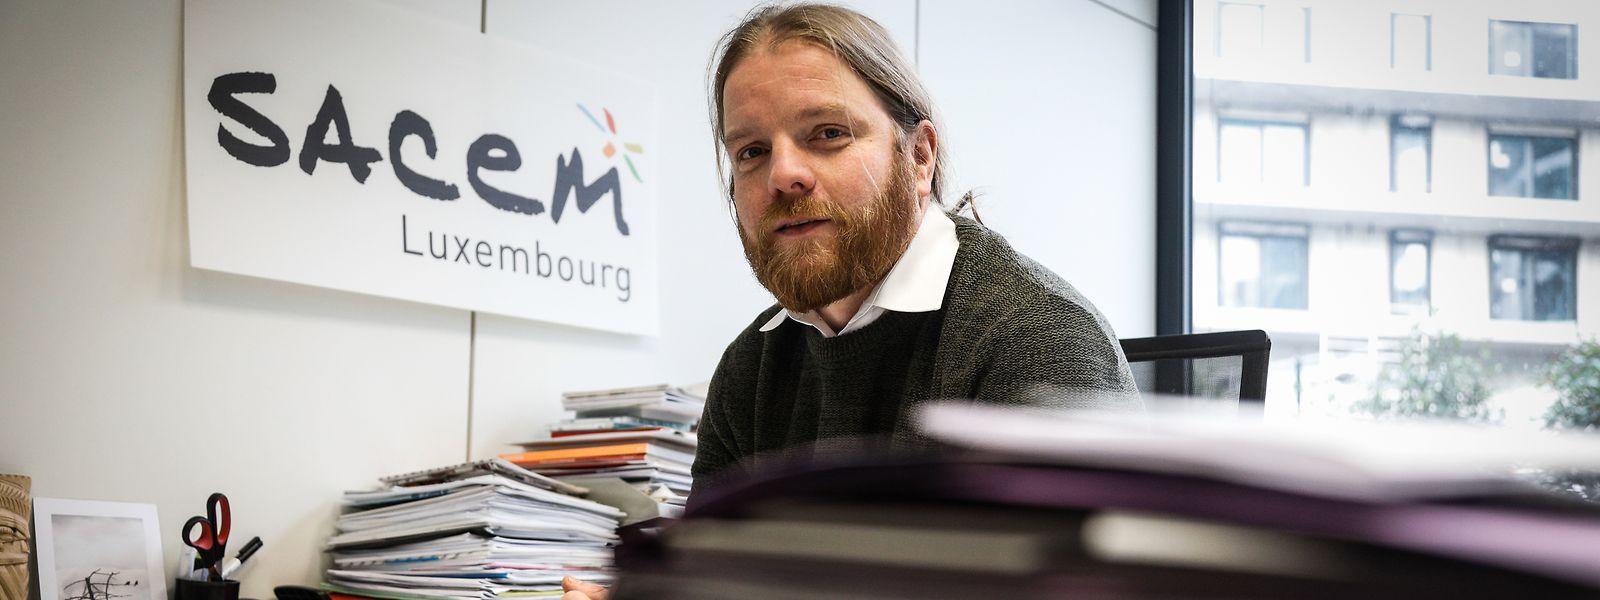 Marc Nickts steht der Sacem Luxemburg als Geschäftsführer vor.